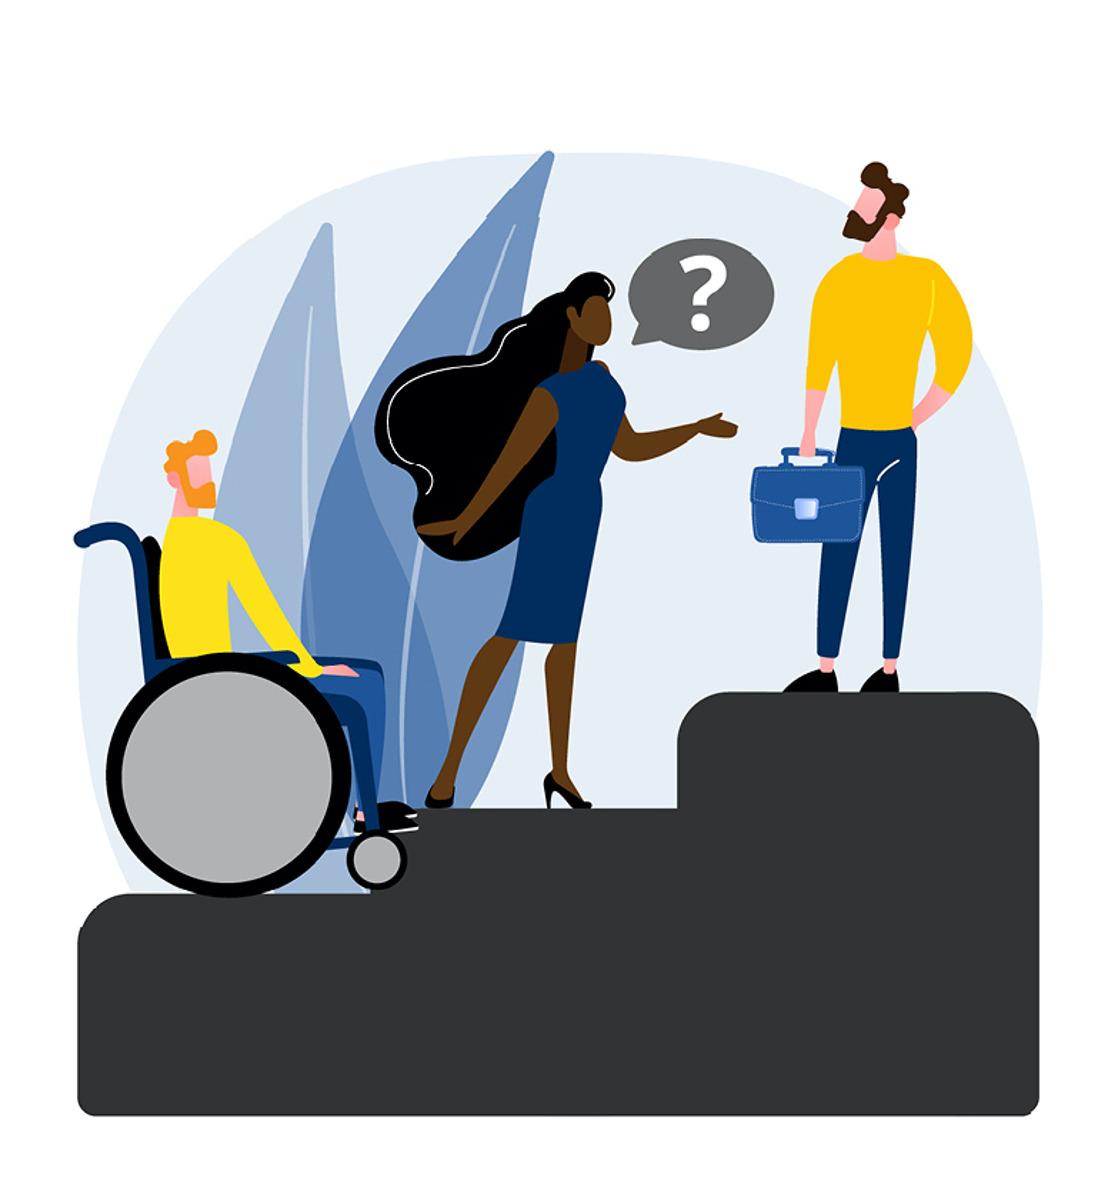 4 cas de discrimination à l'embauche sur 10 sont signalés sur base de l'origine ou de la couleur de peau